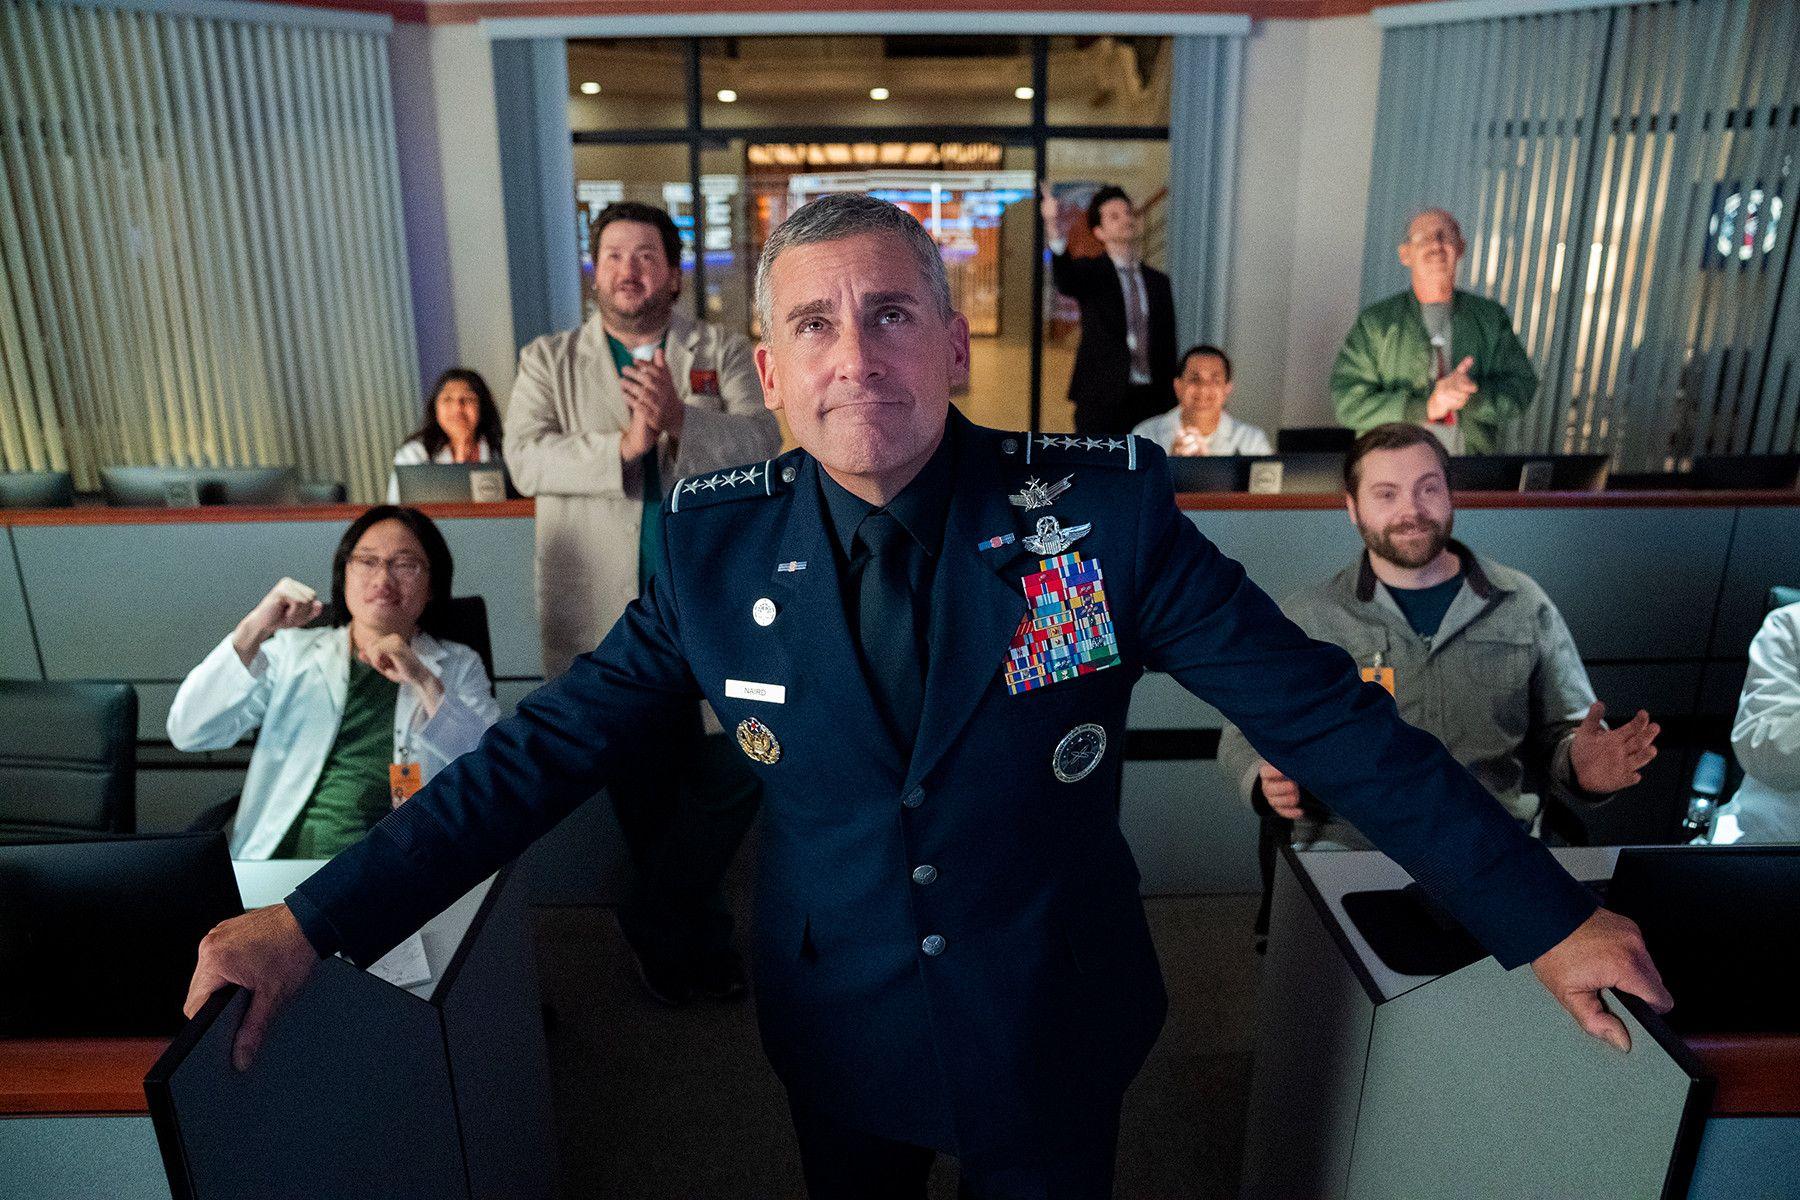 Space Force ya tiene su nuevo tráiler con la vuelta de Steve Carell a trabajar con Greg Daniels